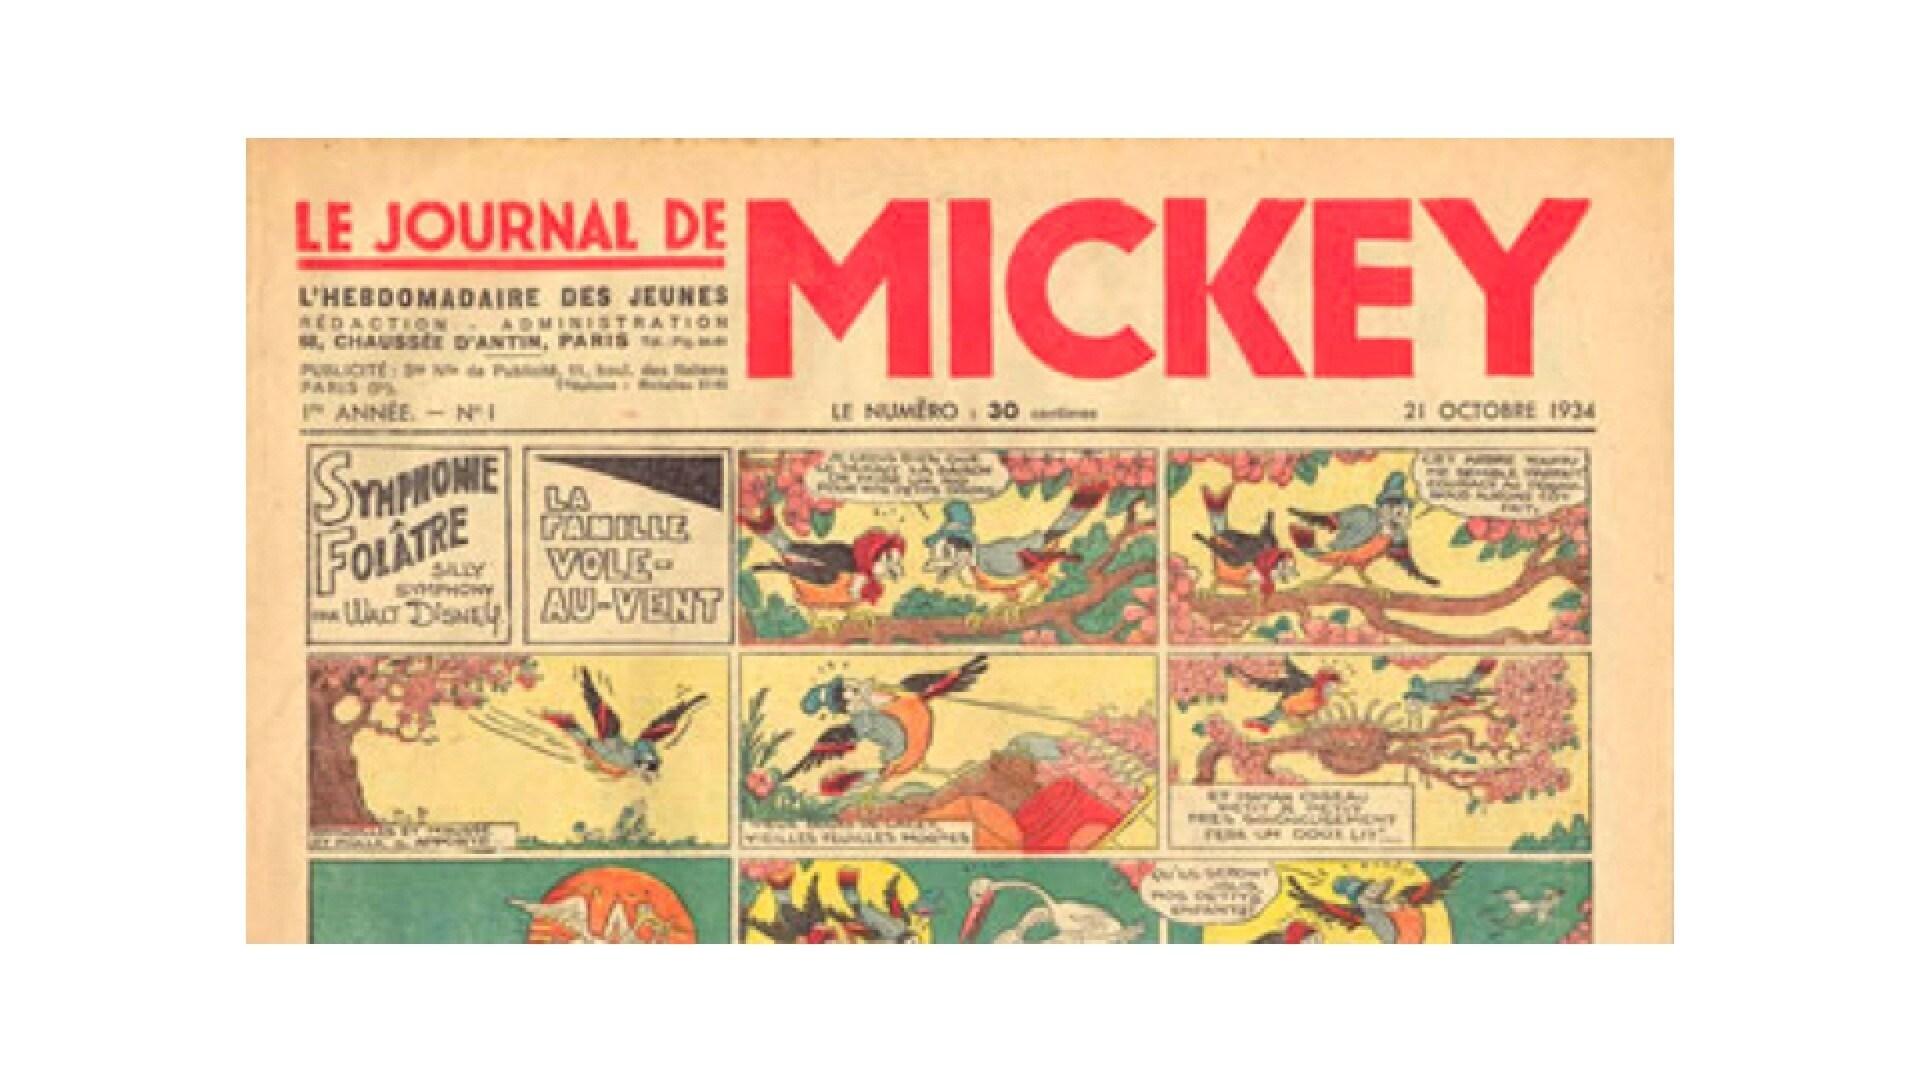 Sortie du premier numéro du Journal de Mickey qui s'impose vite comme le plus célèbre magazine Disney au monde